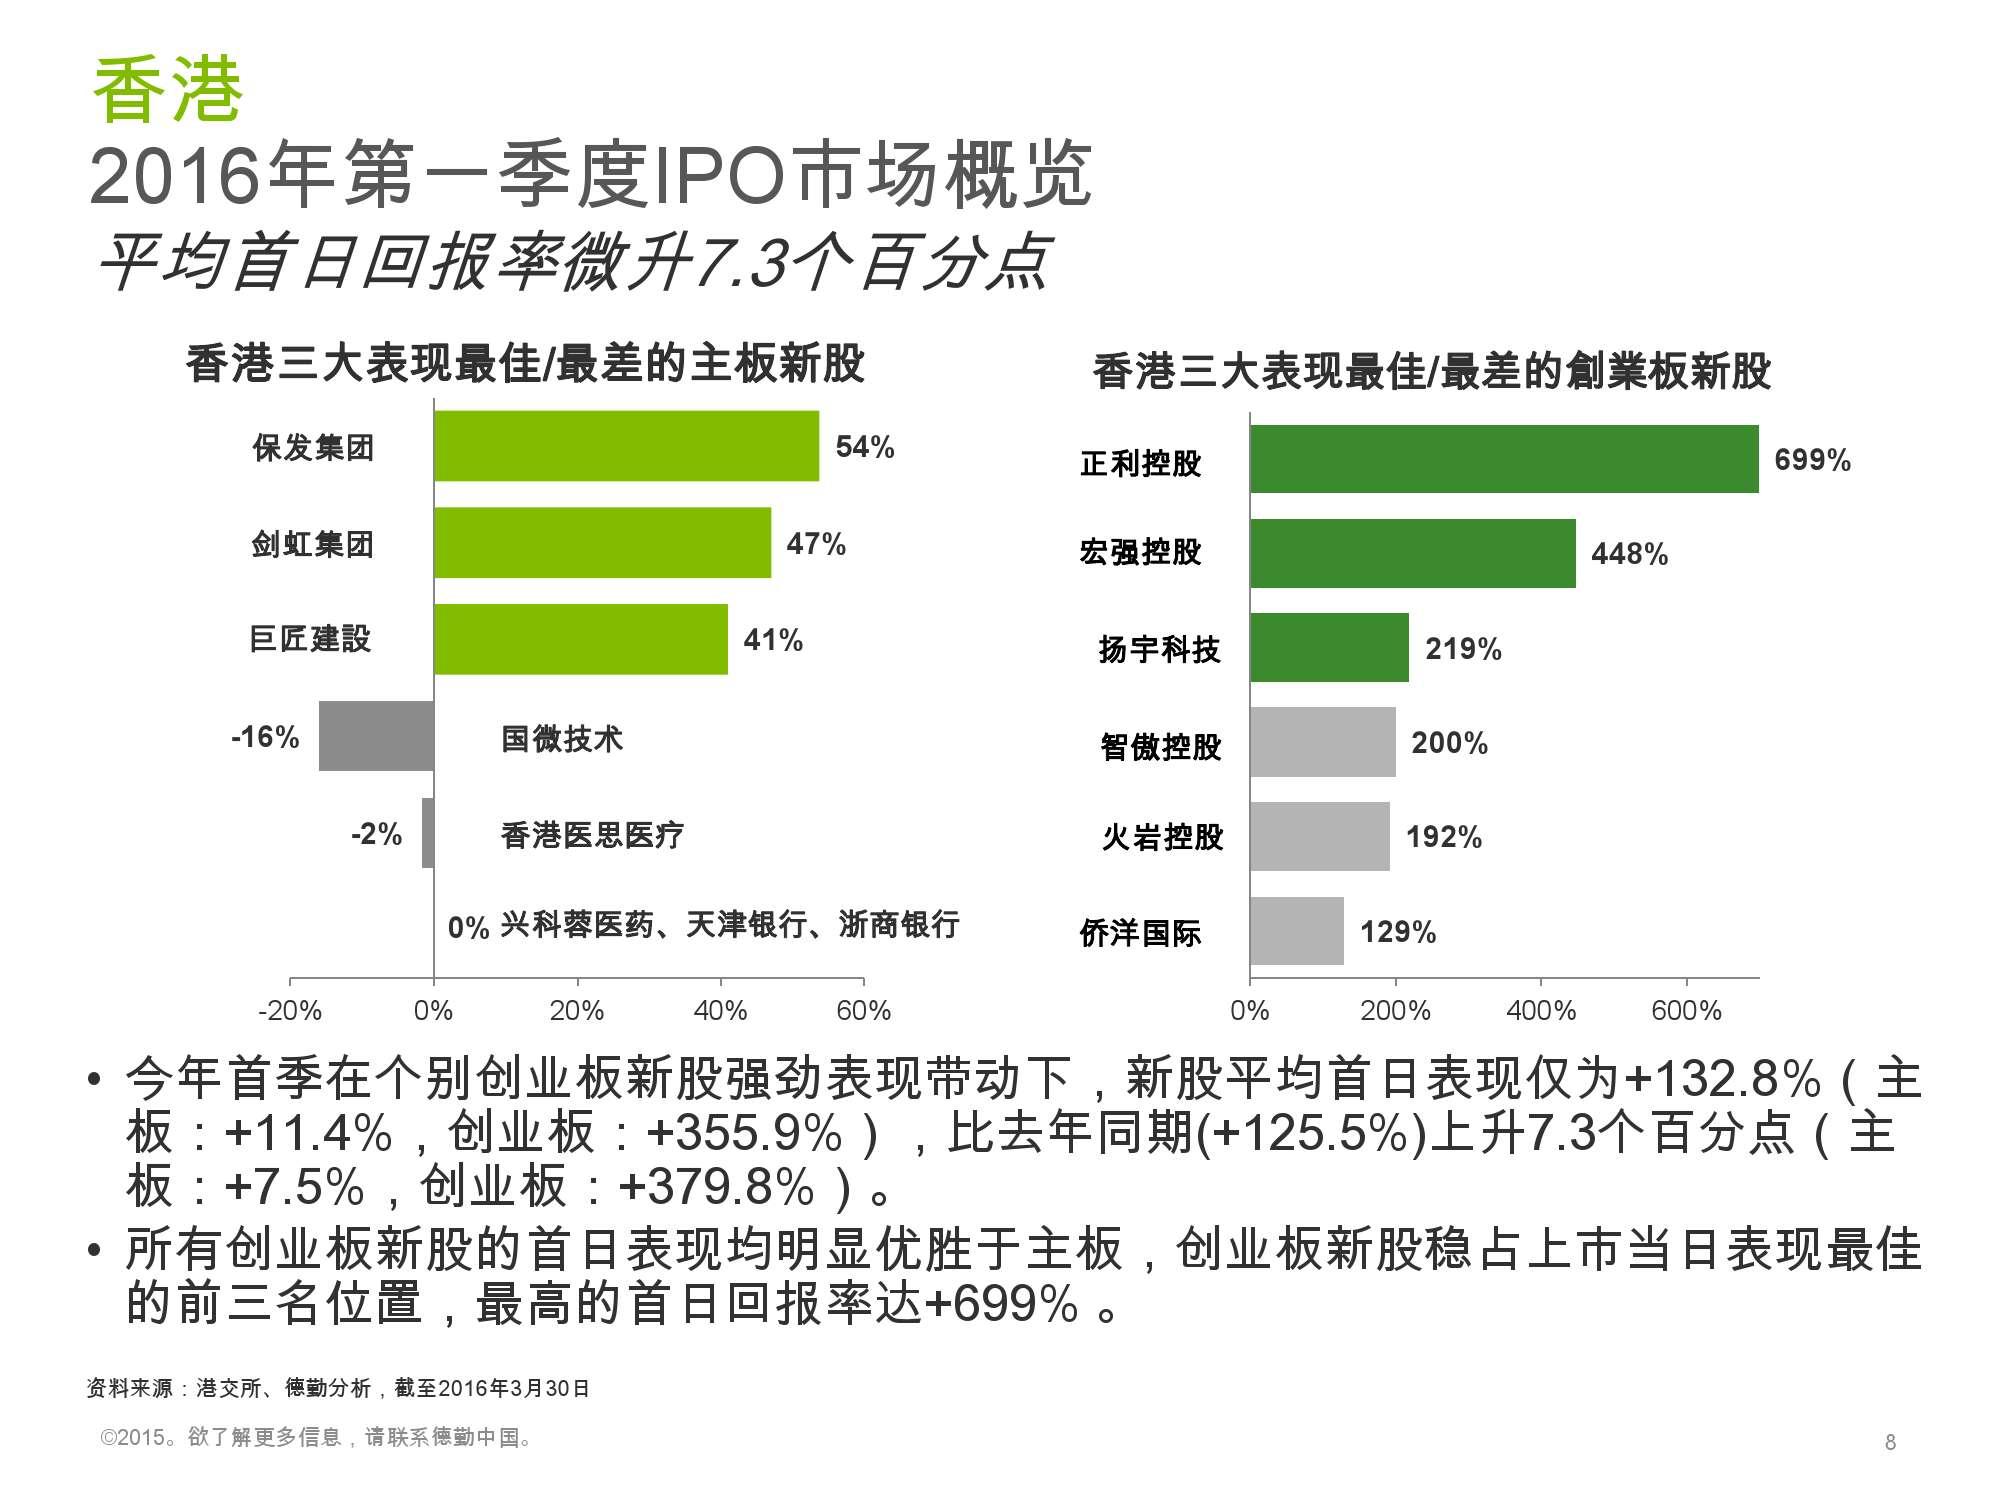 香港及中国大陆IPO市场2016年1季度_000008